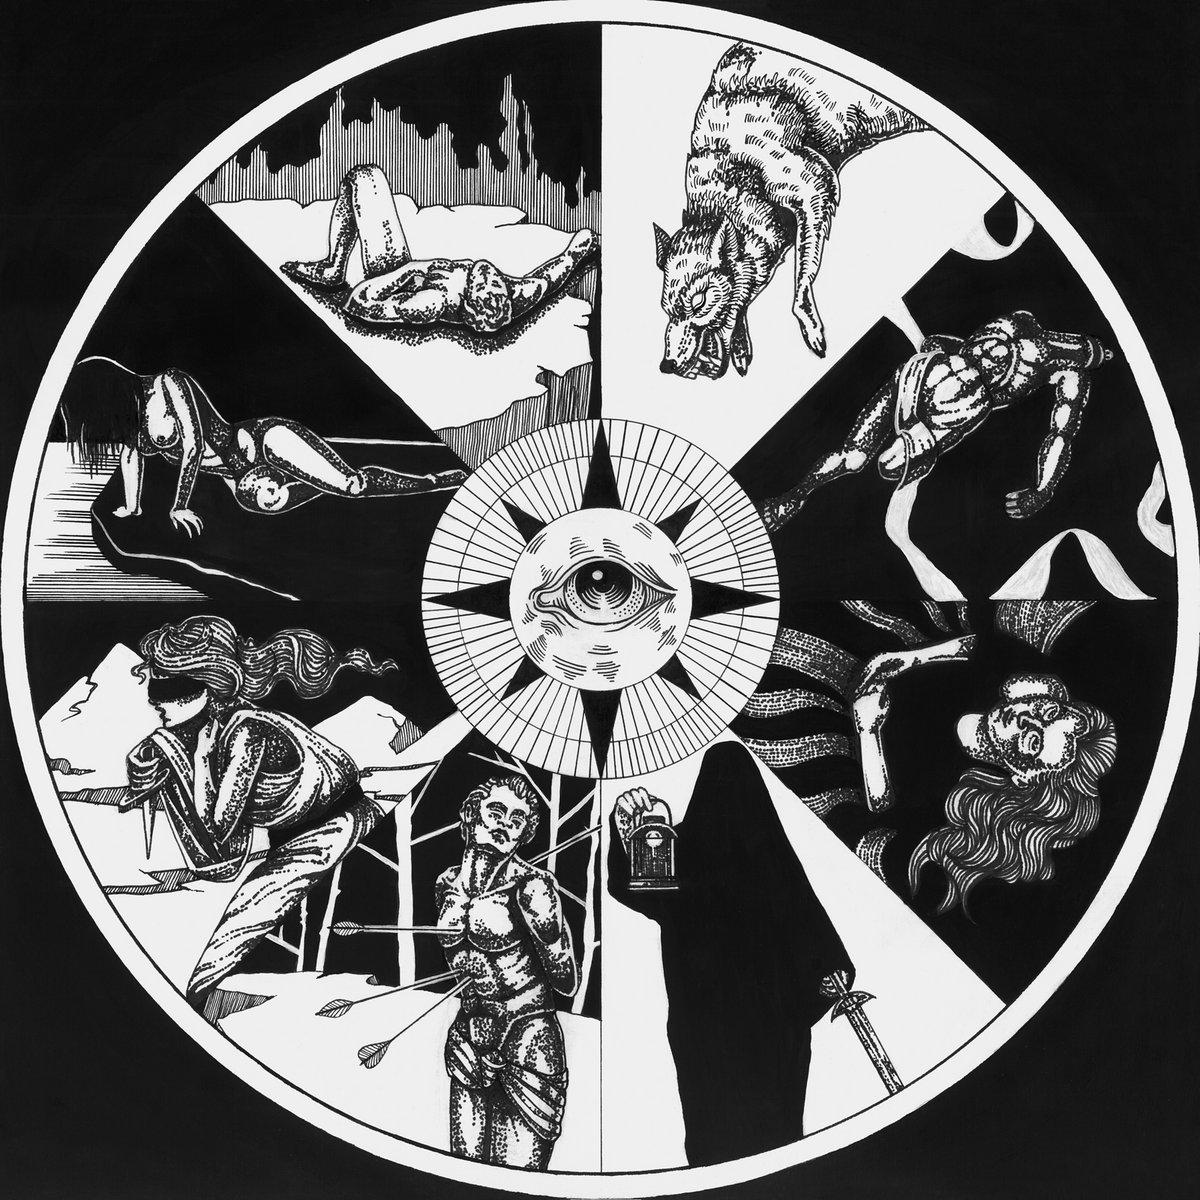 Gothic sex ritual mortis rapidshare